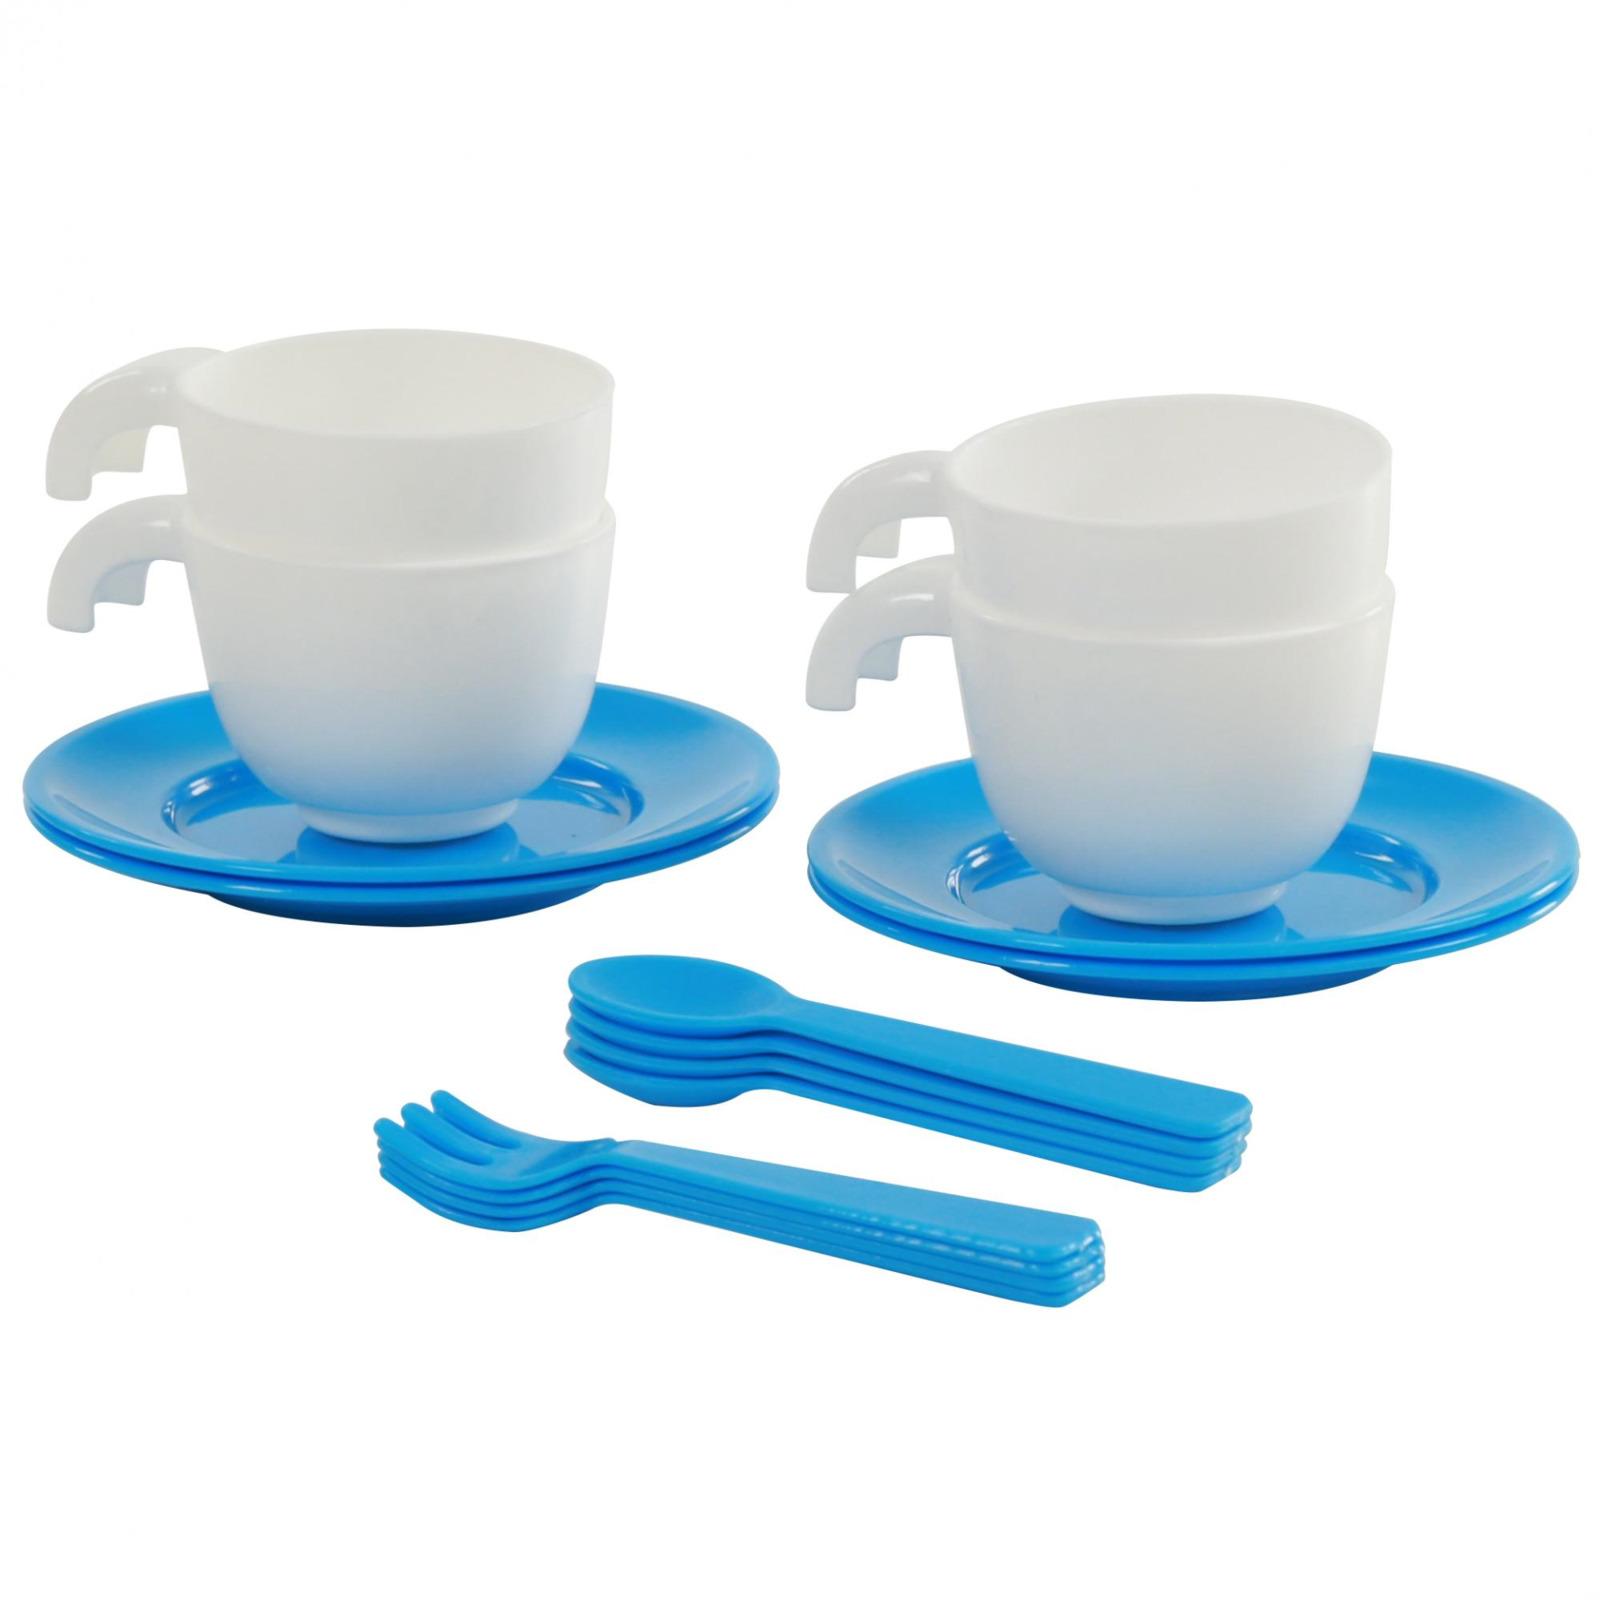 Набор детской посуды Полесье TOP Chef, на 4 персоны, 16 элементов, цвет в ассортименте игра полесьенабор детской посуды top chef с корзинкой 42637